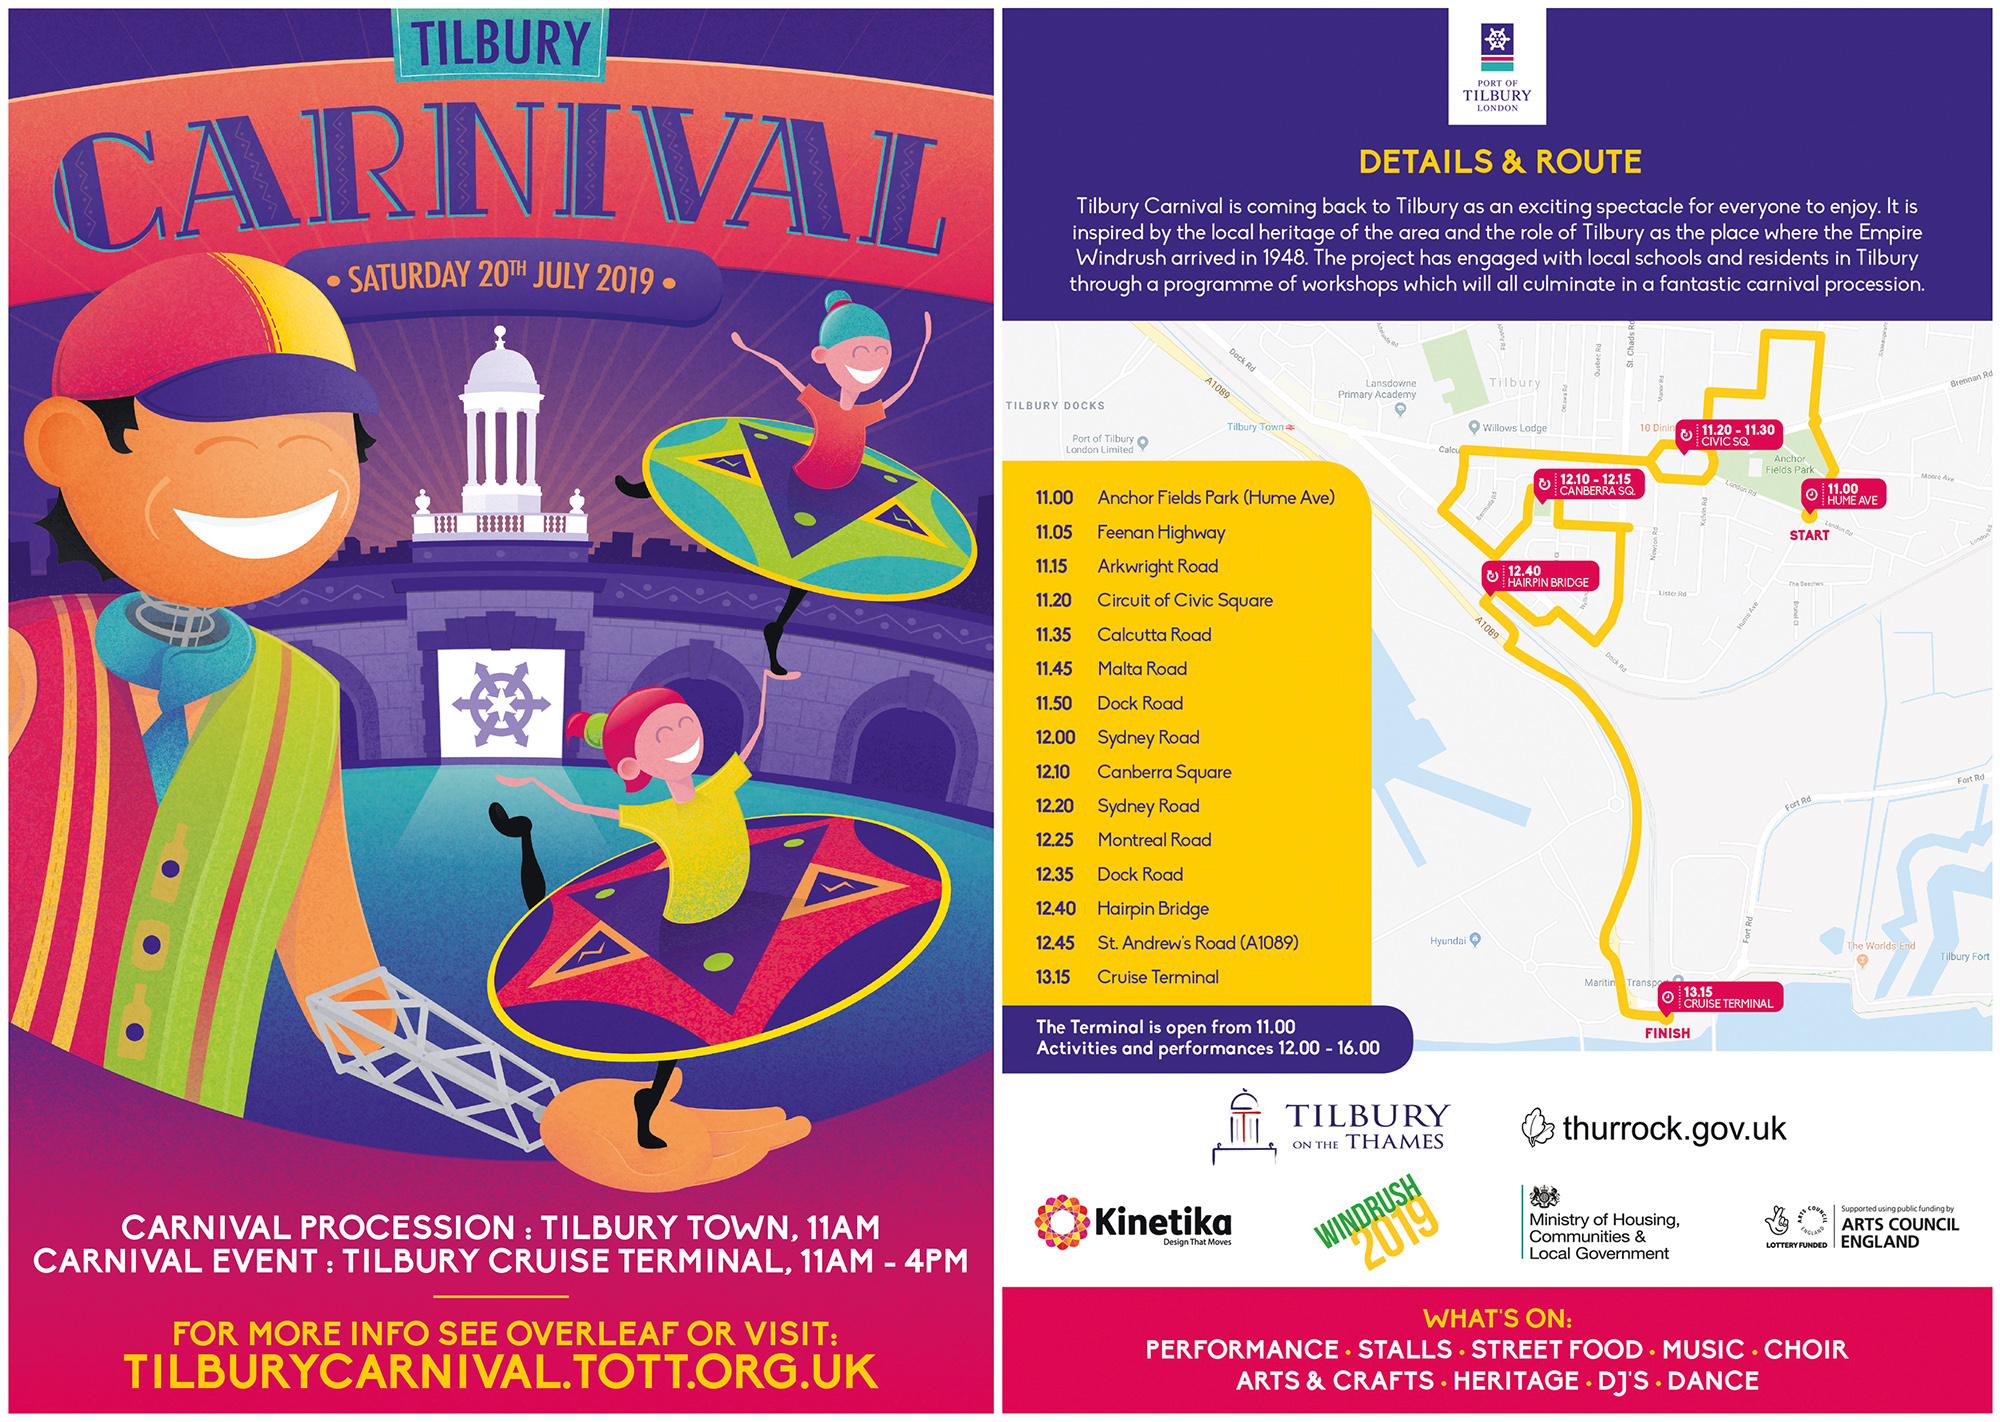 Tilbury Carnival flyer 2019